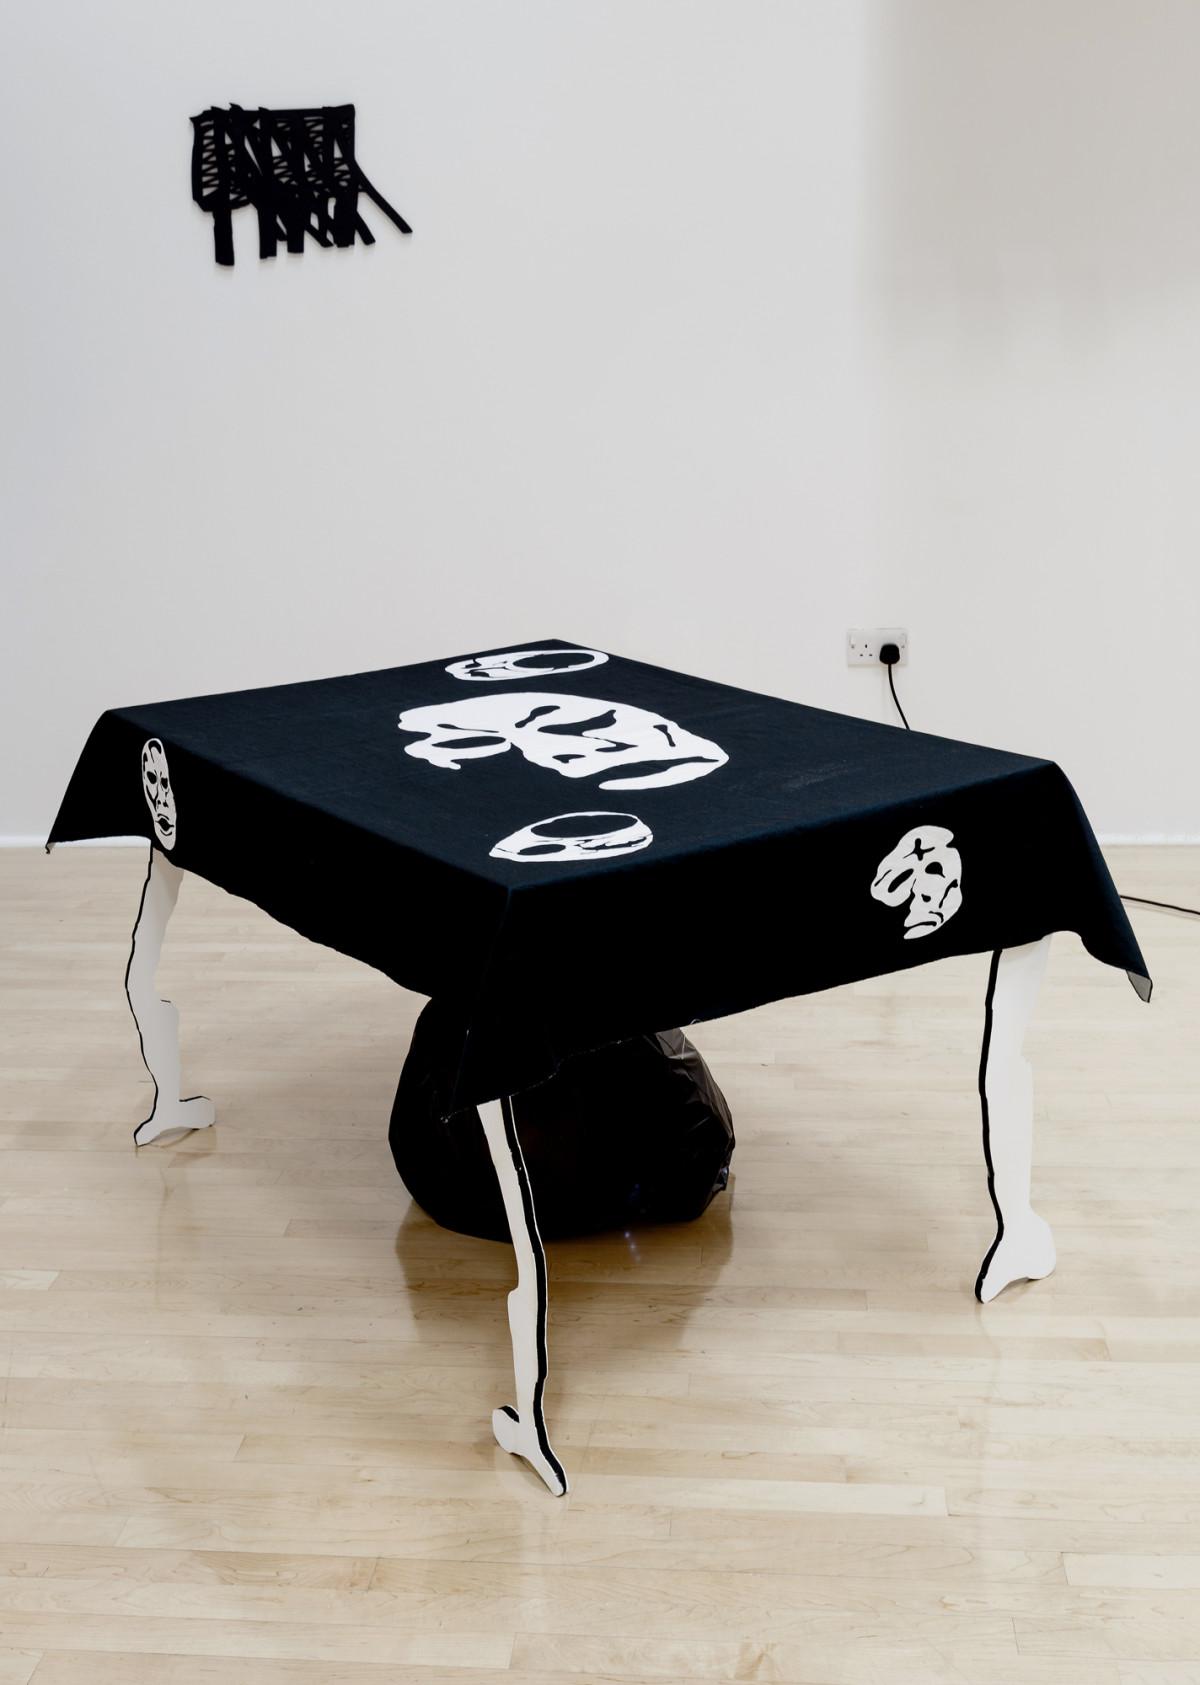 noel-freibert-table-2016